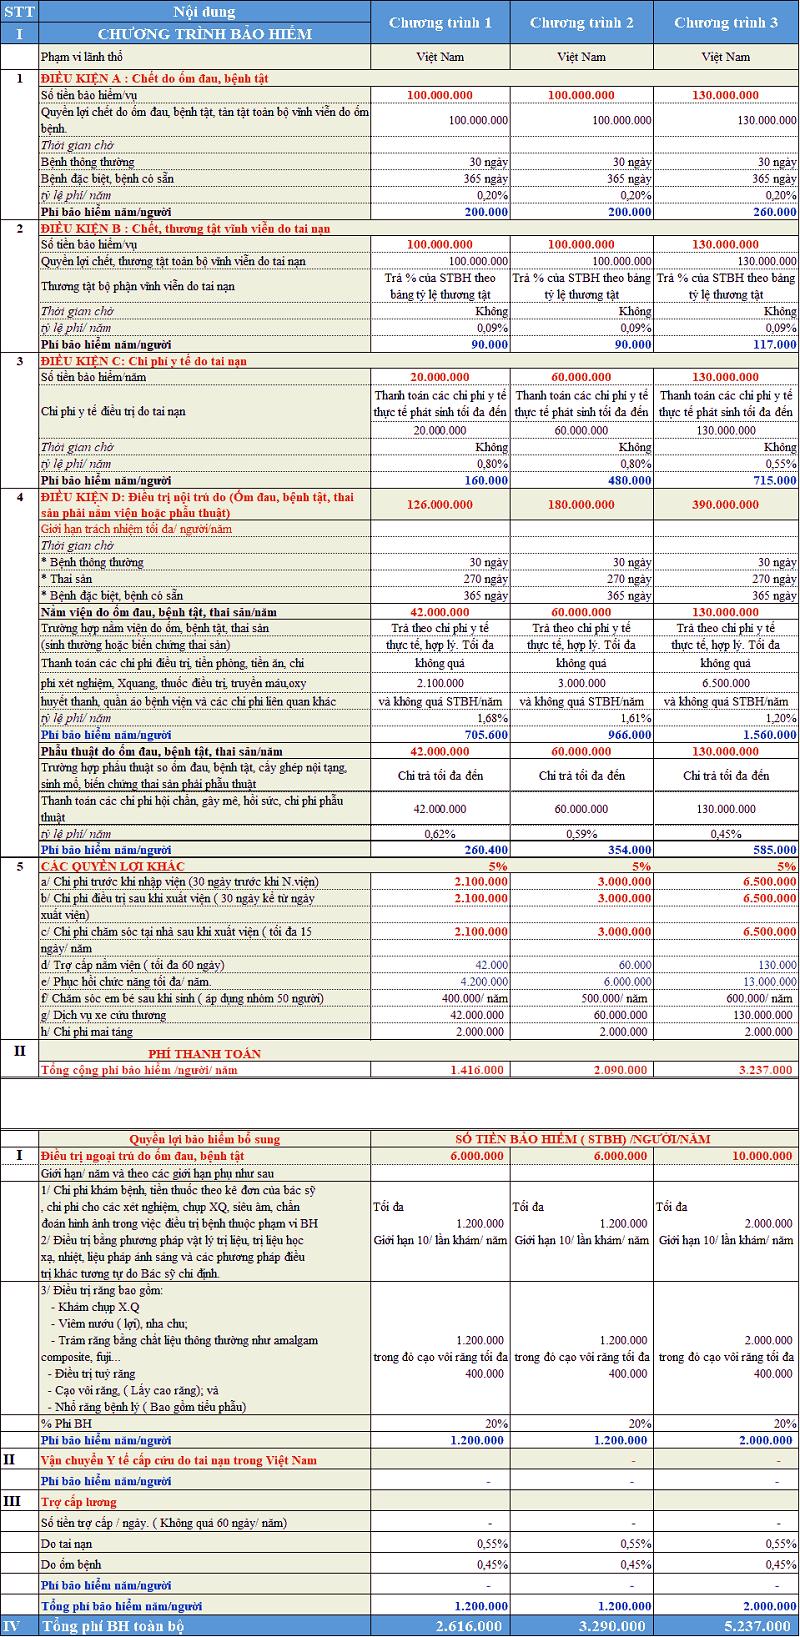 chi phí bảo hiểm sức khỏe doanh nghiệp